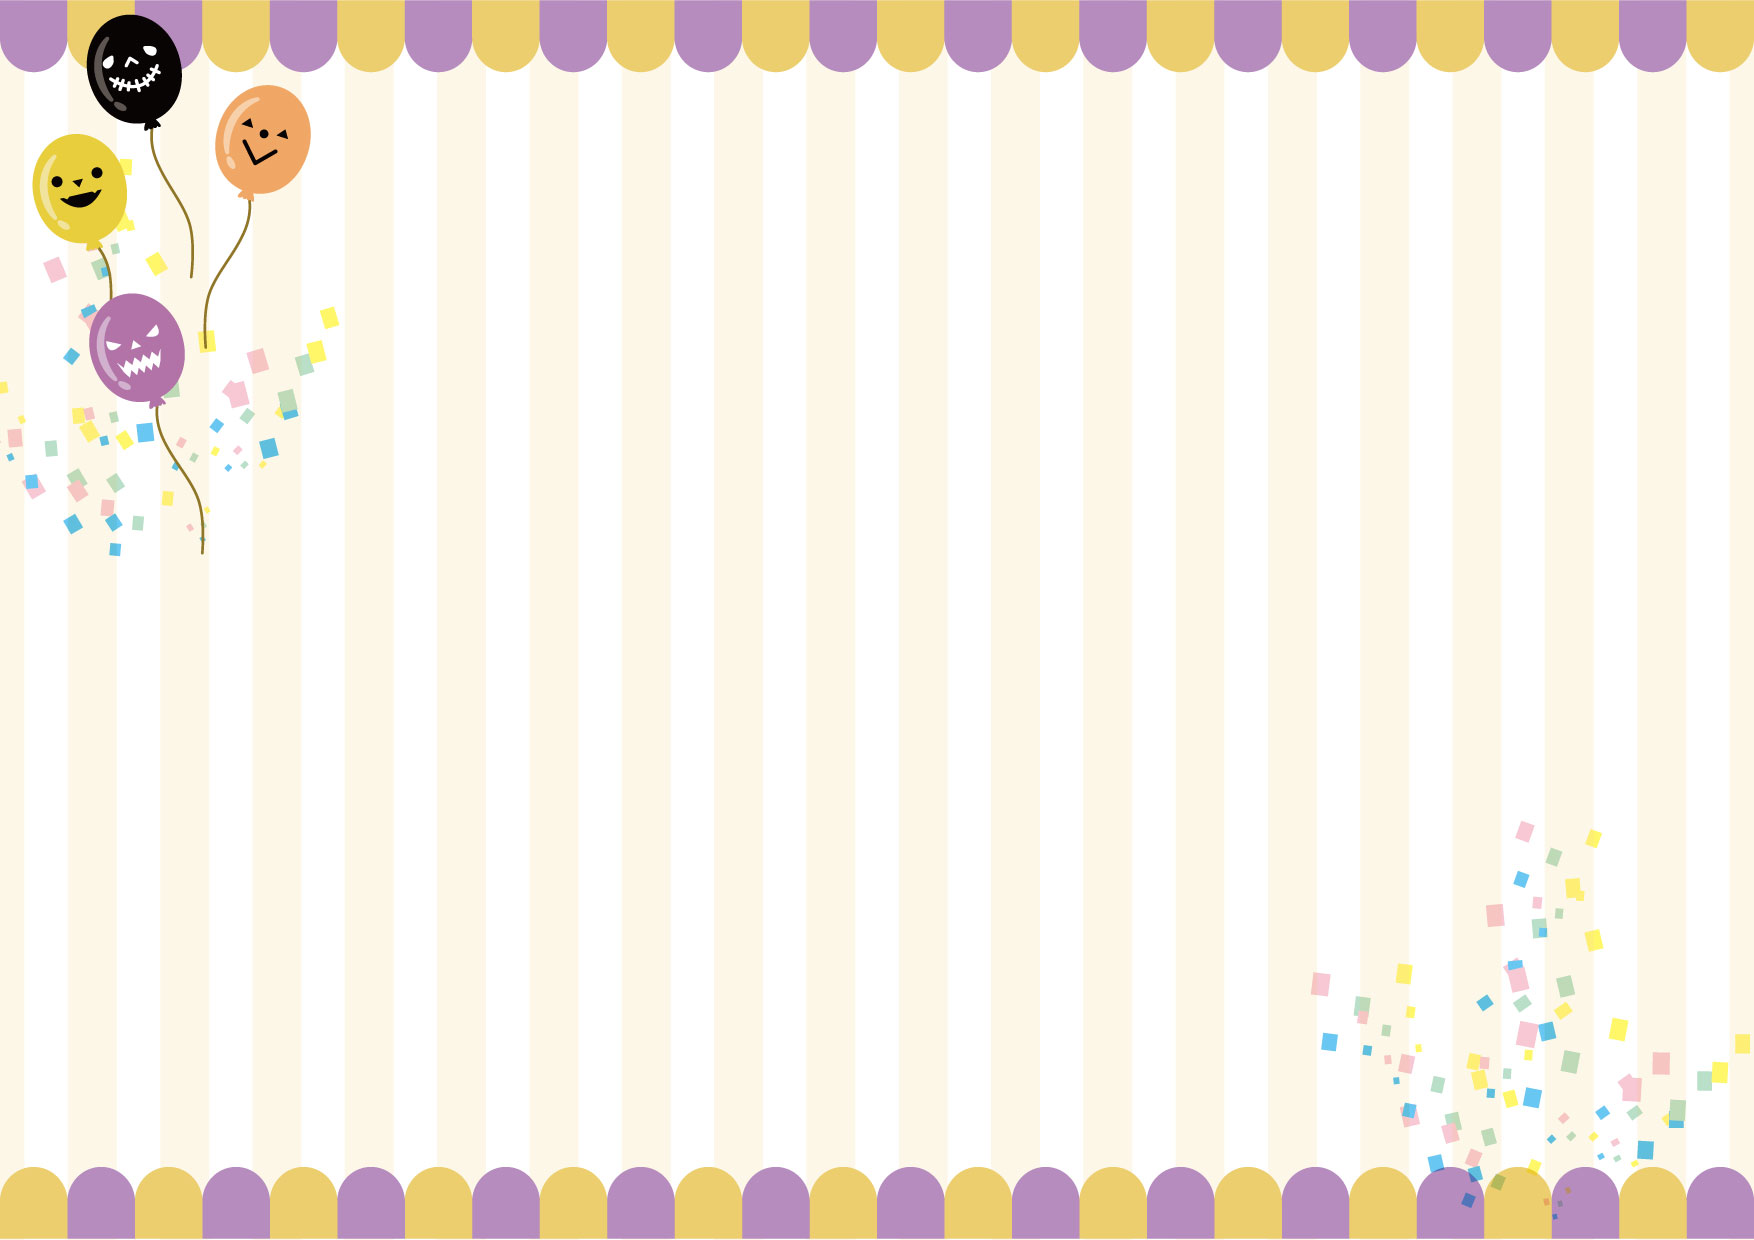 可愛いイラスト無料|ハロウィン 背景 黄 紫 ストライプ − free illustration Halloween background yellow purple stripe